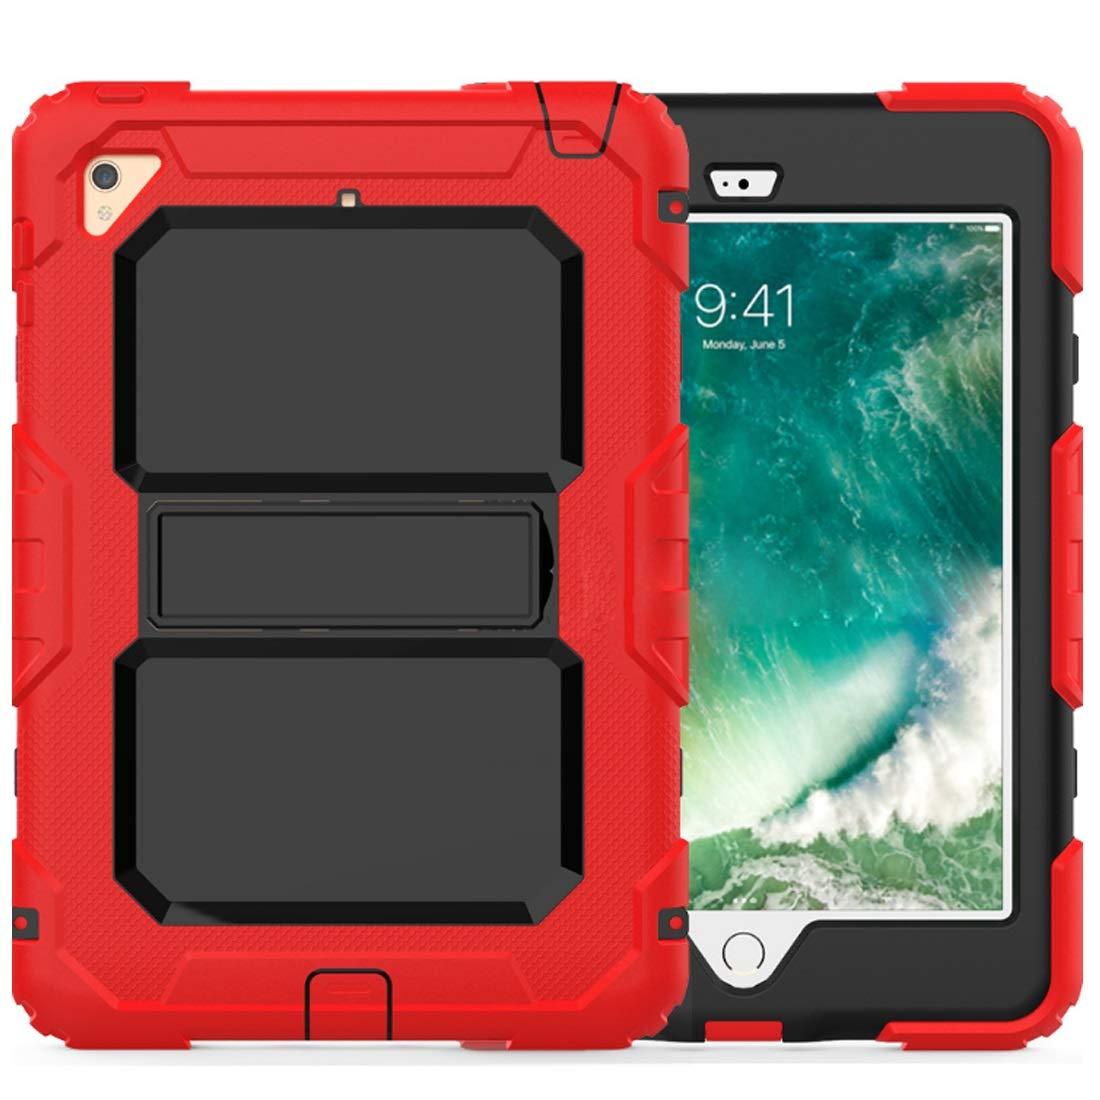 大注目 KRPENRIO iPad B07L89XJRD 9.7ケース 2018/2017 iPad iPad Mini対応 高耐久 Mini対応 フルボディ 頑丈 保護ケース スクリーンプロテクター内蔵 (色:レッド サイズ:iPad Air2) B07L89XJRD, キョウワマチ:ed6dbdd4 --- a0267596.xsph.ru